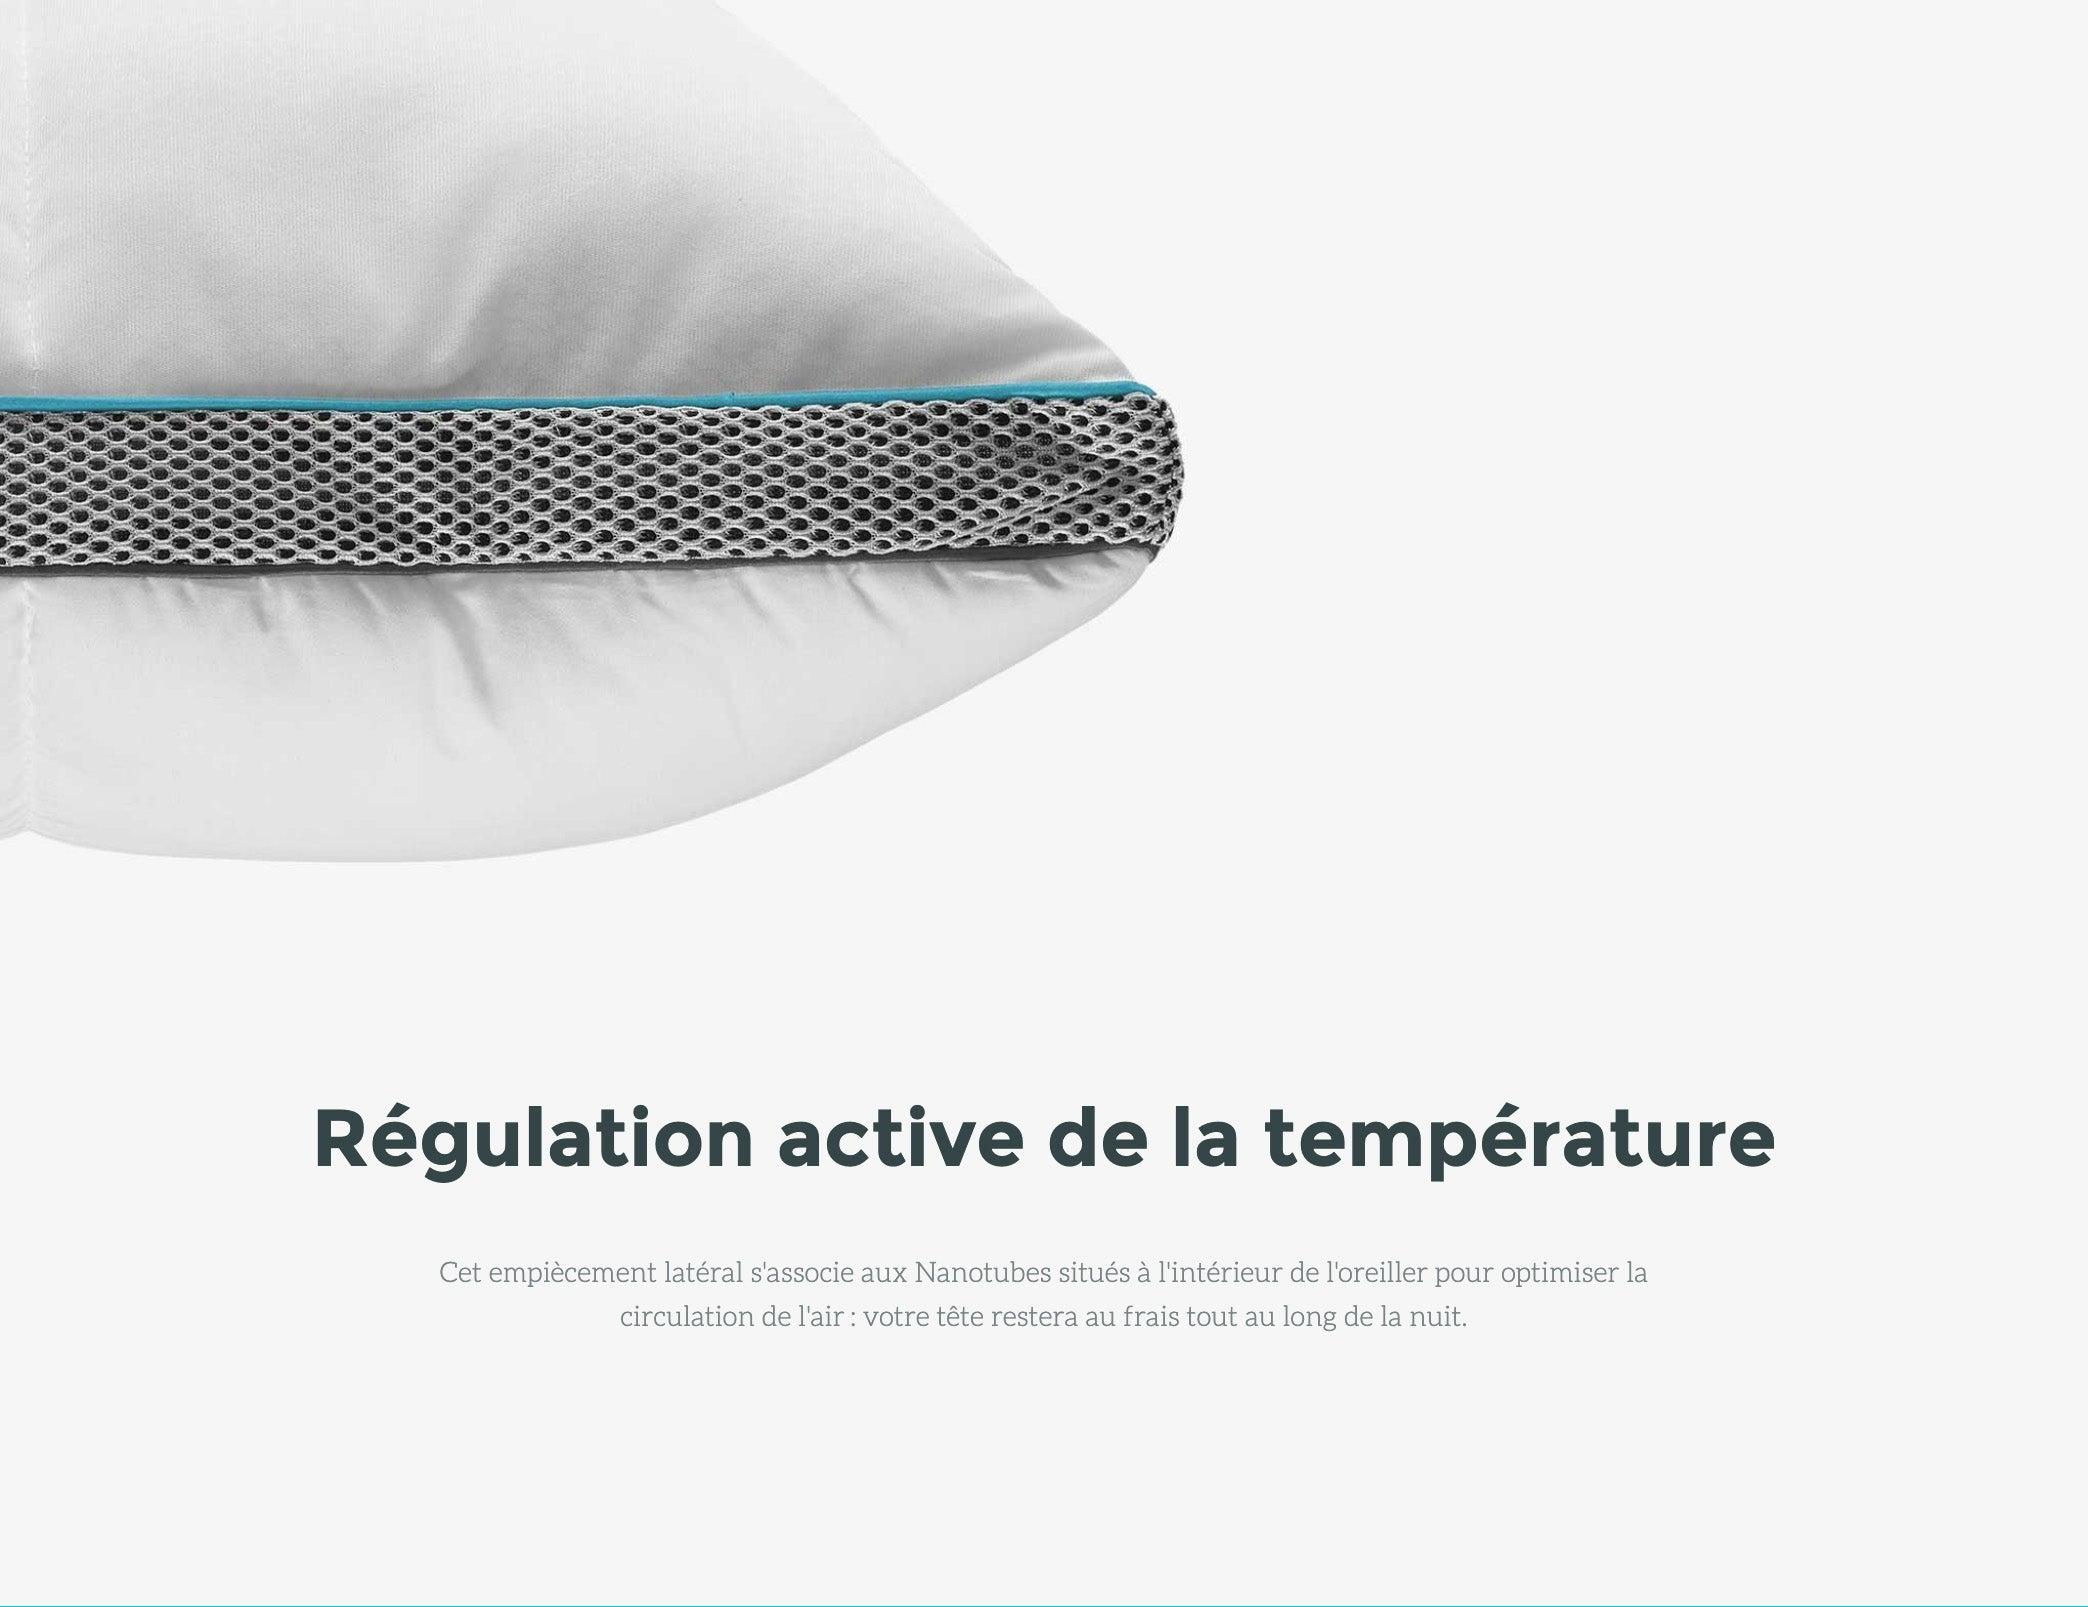 avec Outlast/® + Duvet - 65 x 65 cm Nanotubes /à M/émoire de Forme Simba Oreiller Hybrid